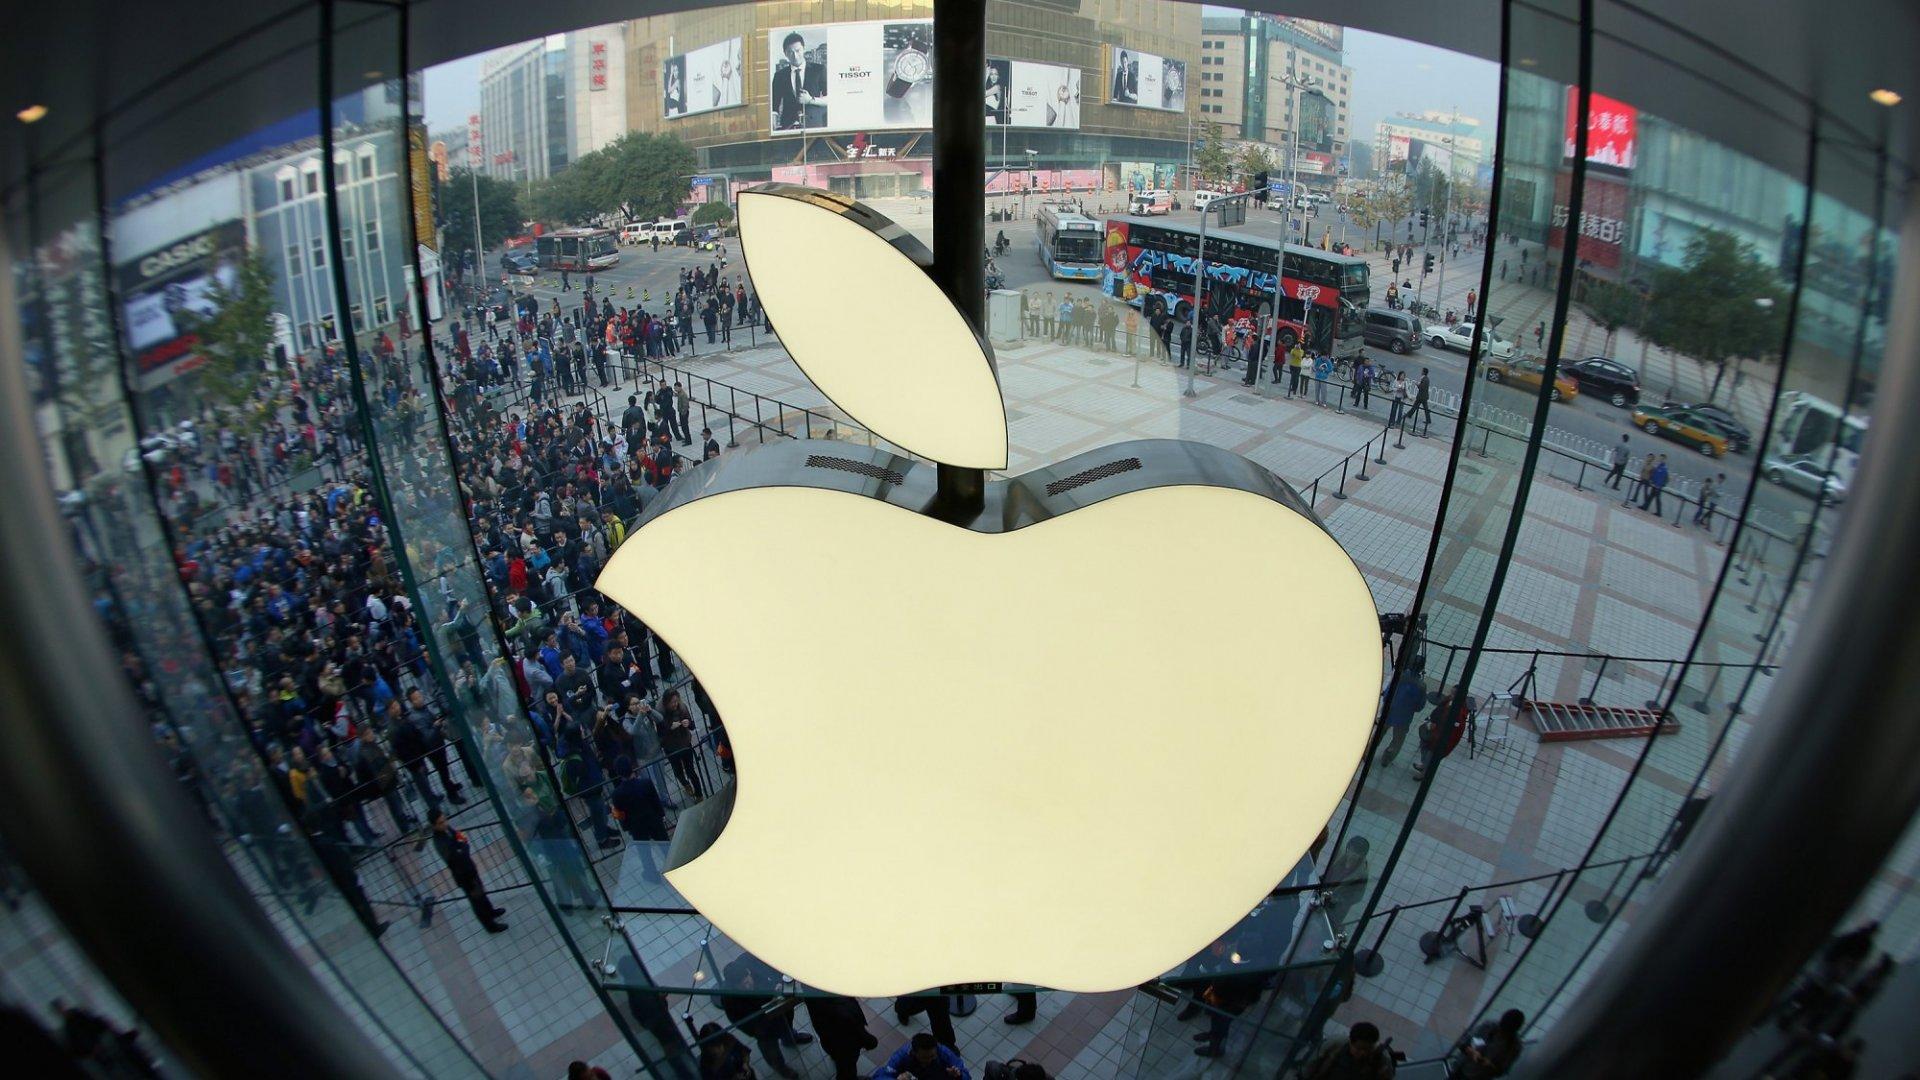 Memo to Tim Cook: Make Apple Great Again